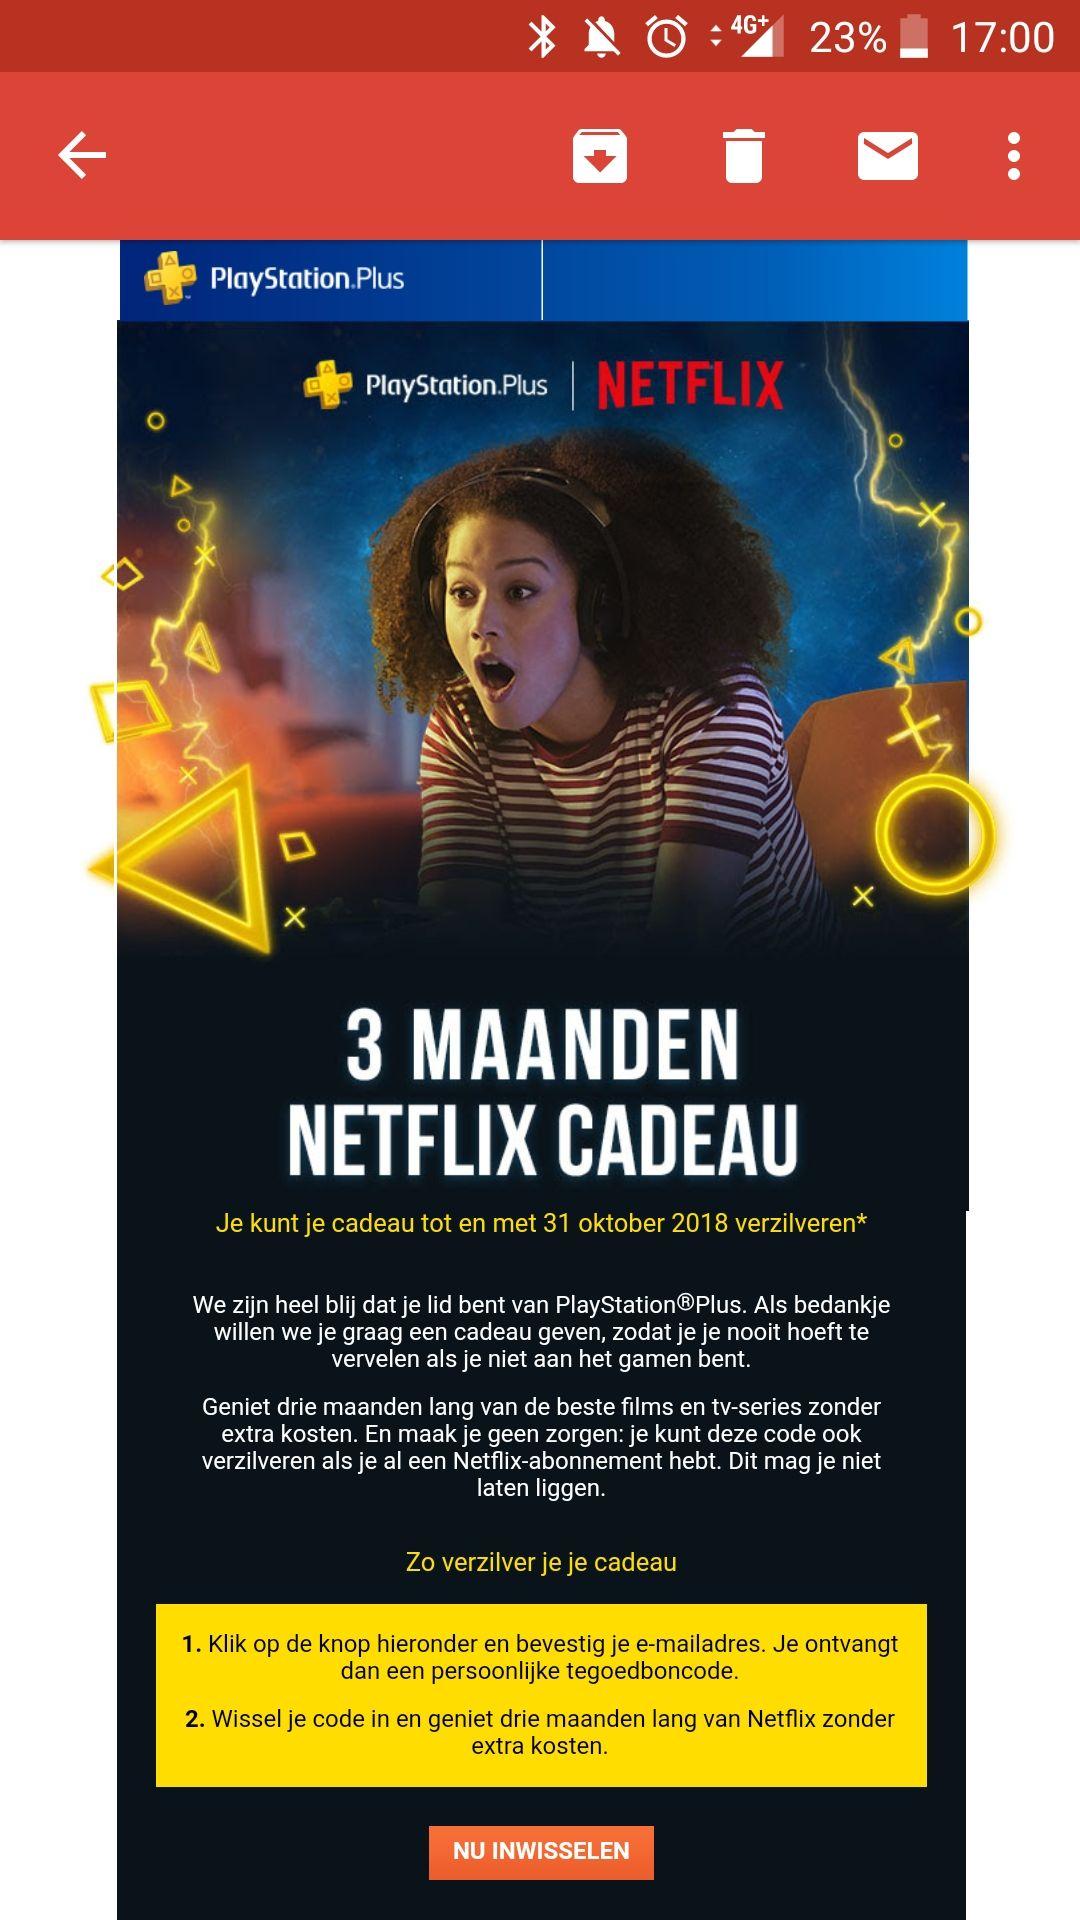 3 Maanden Netflix cadeau bij een bestaand PS Plus account! (geselecteerde accounts)